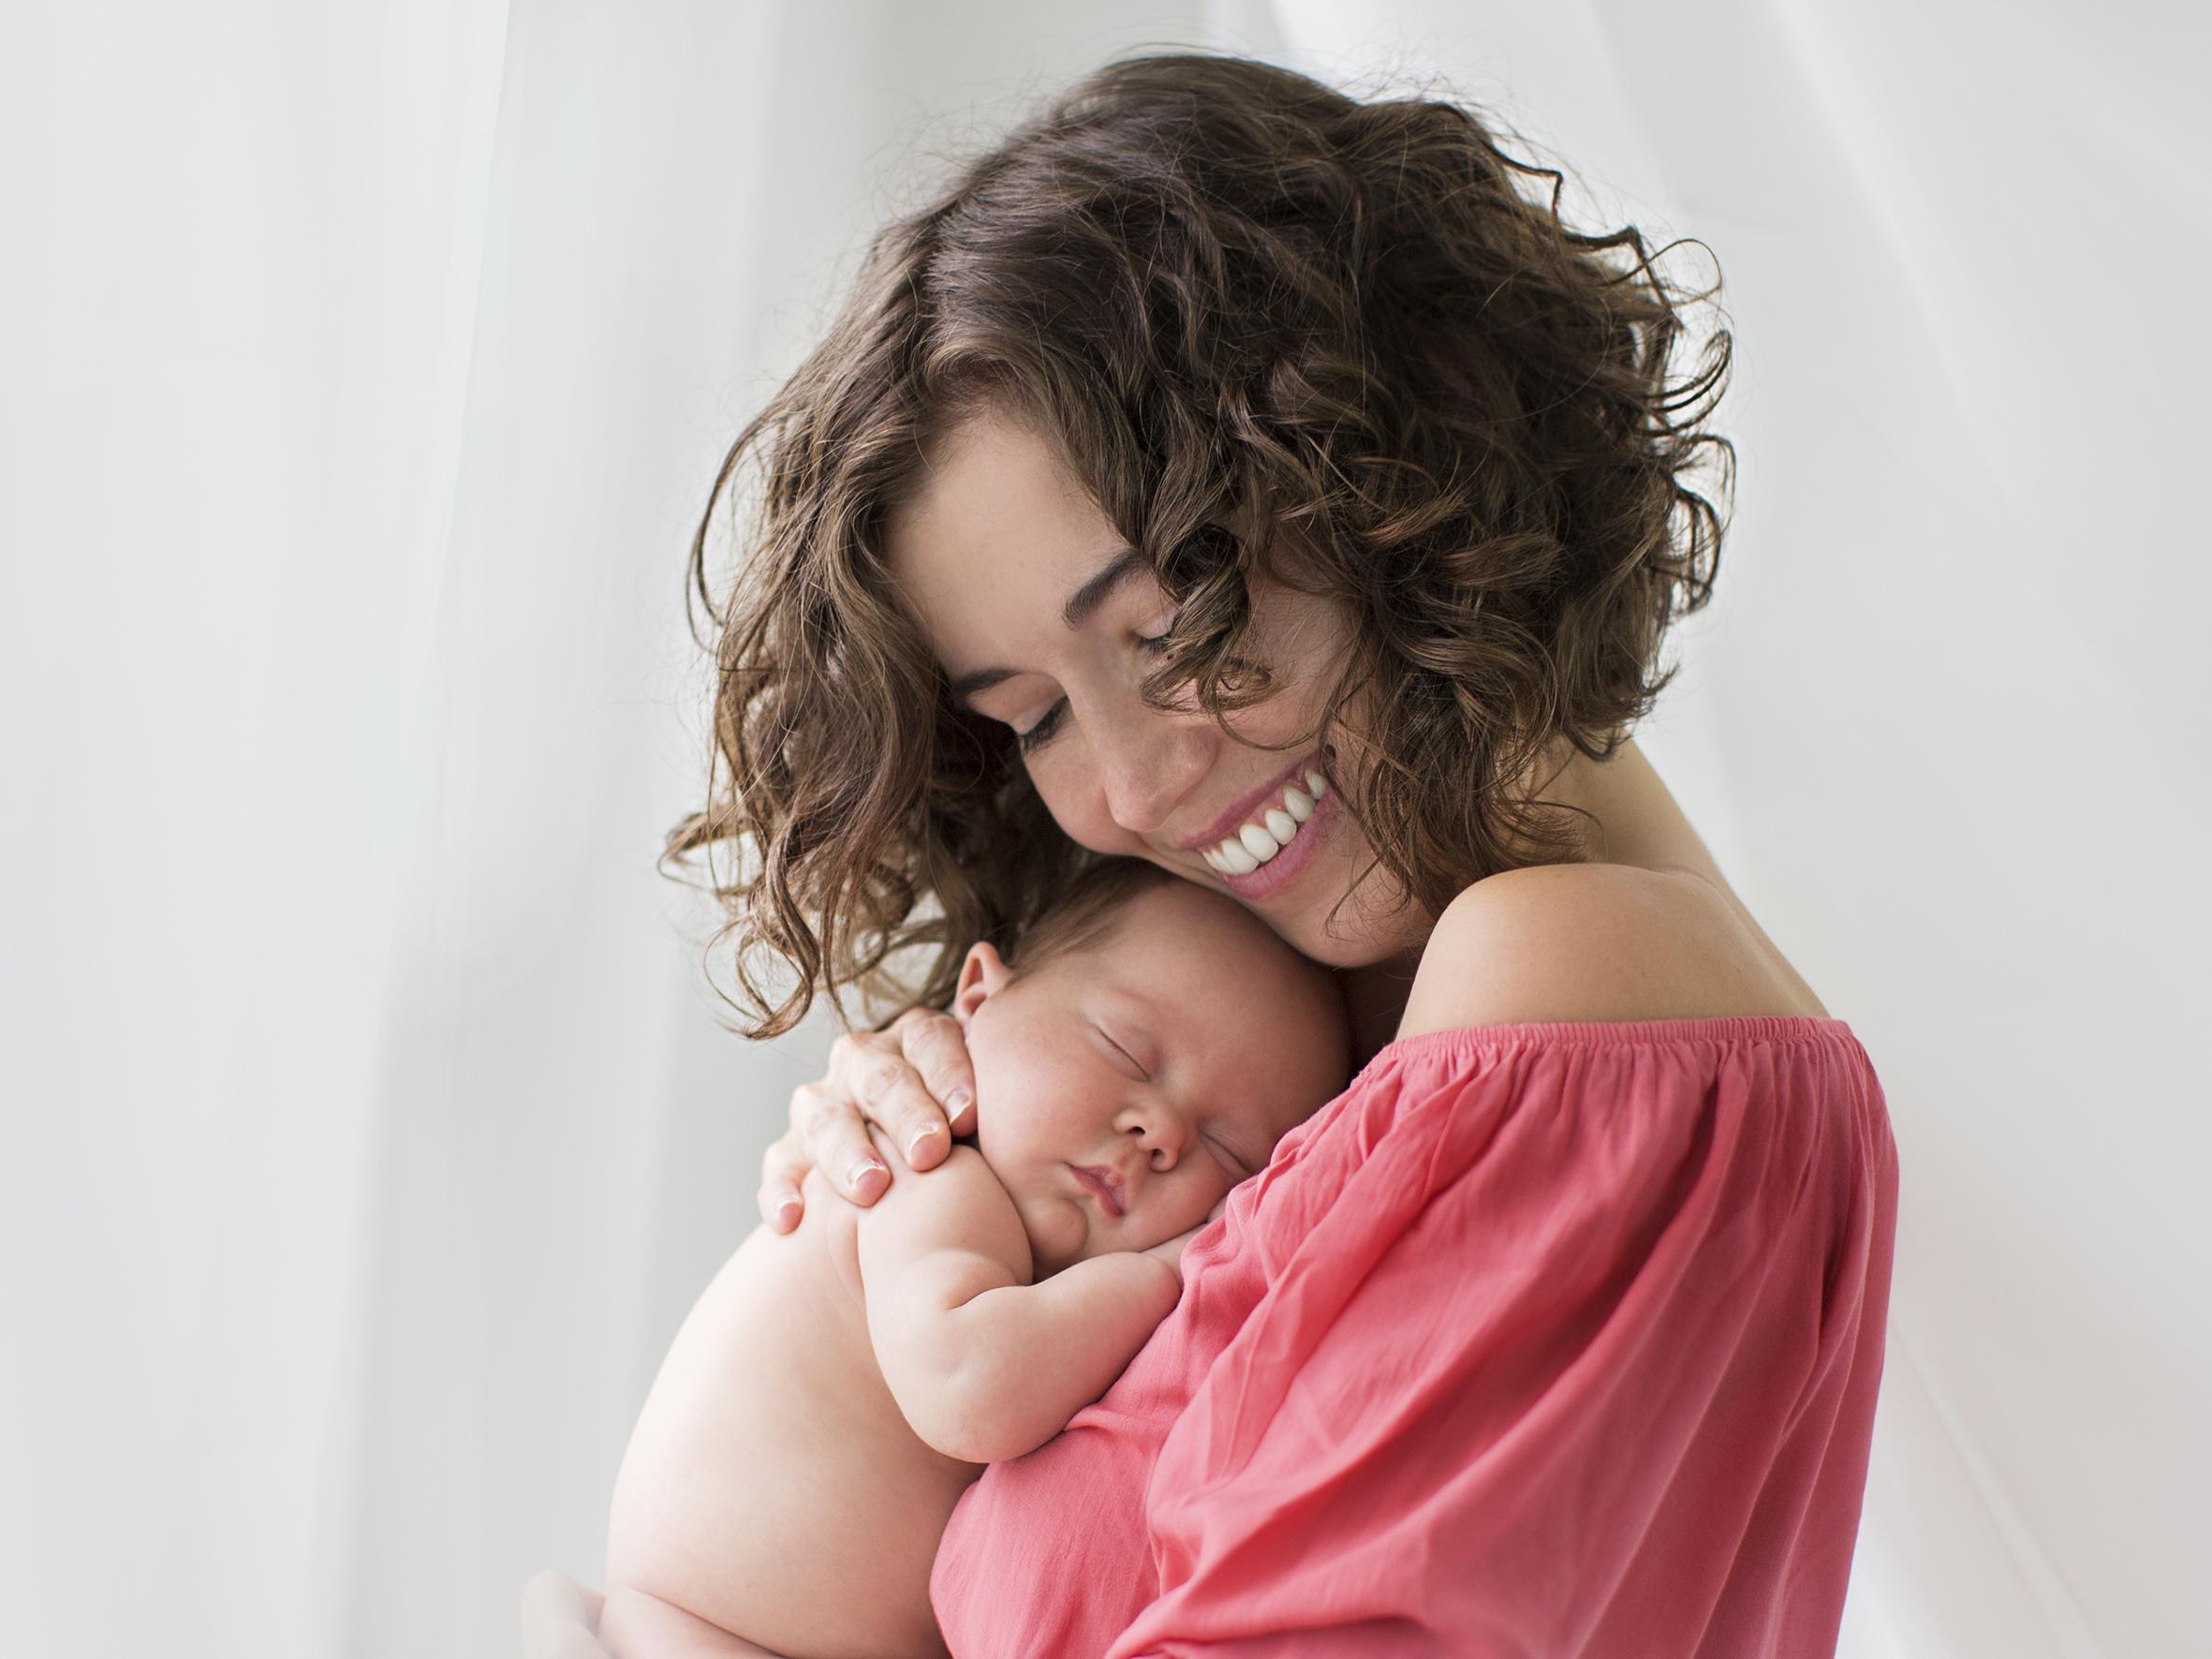 fotografos-de-recien-nacidos-fotos-y-fotografia-en-madrid-0289parablog